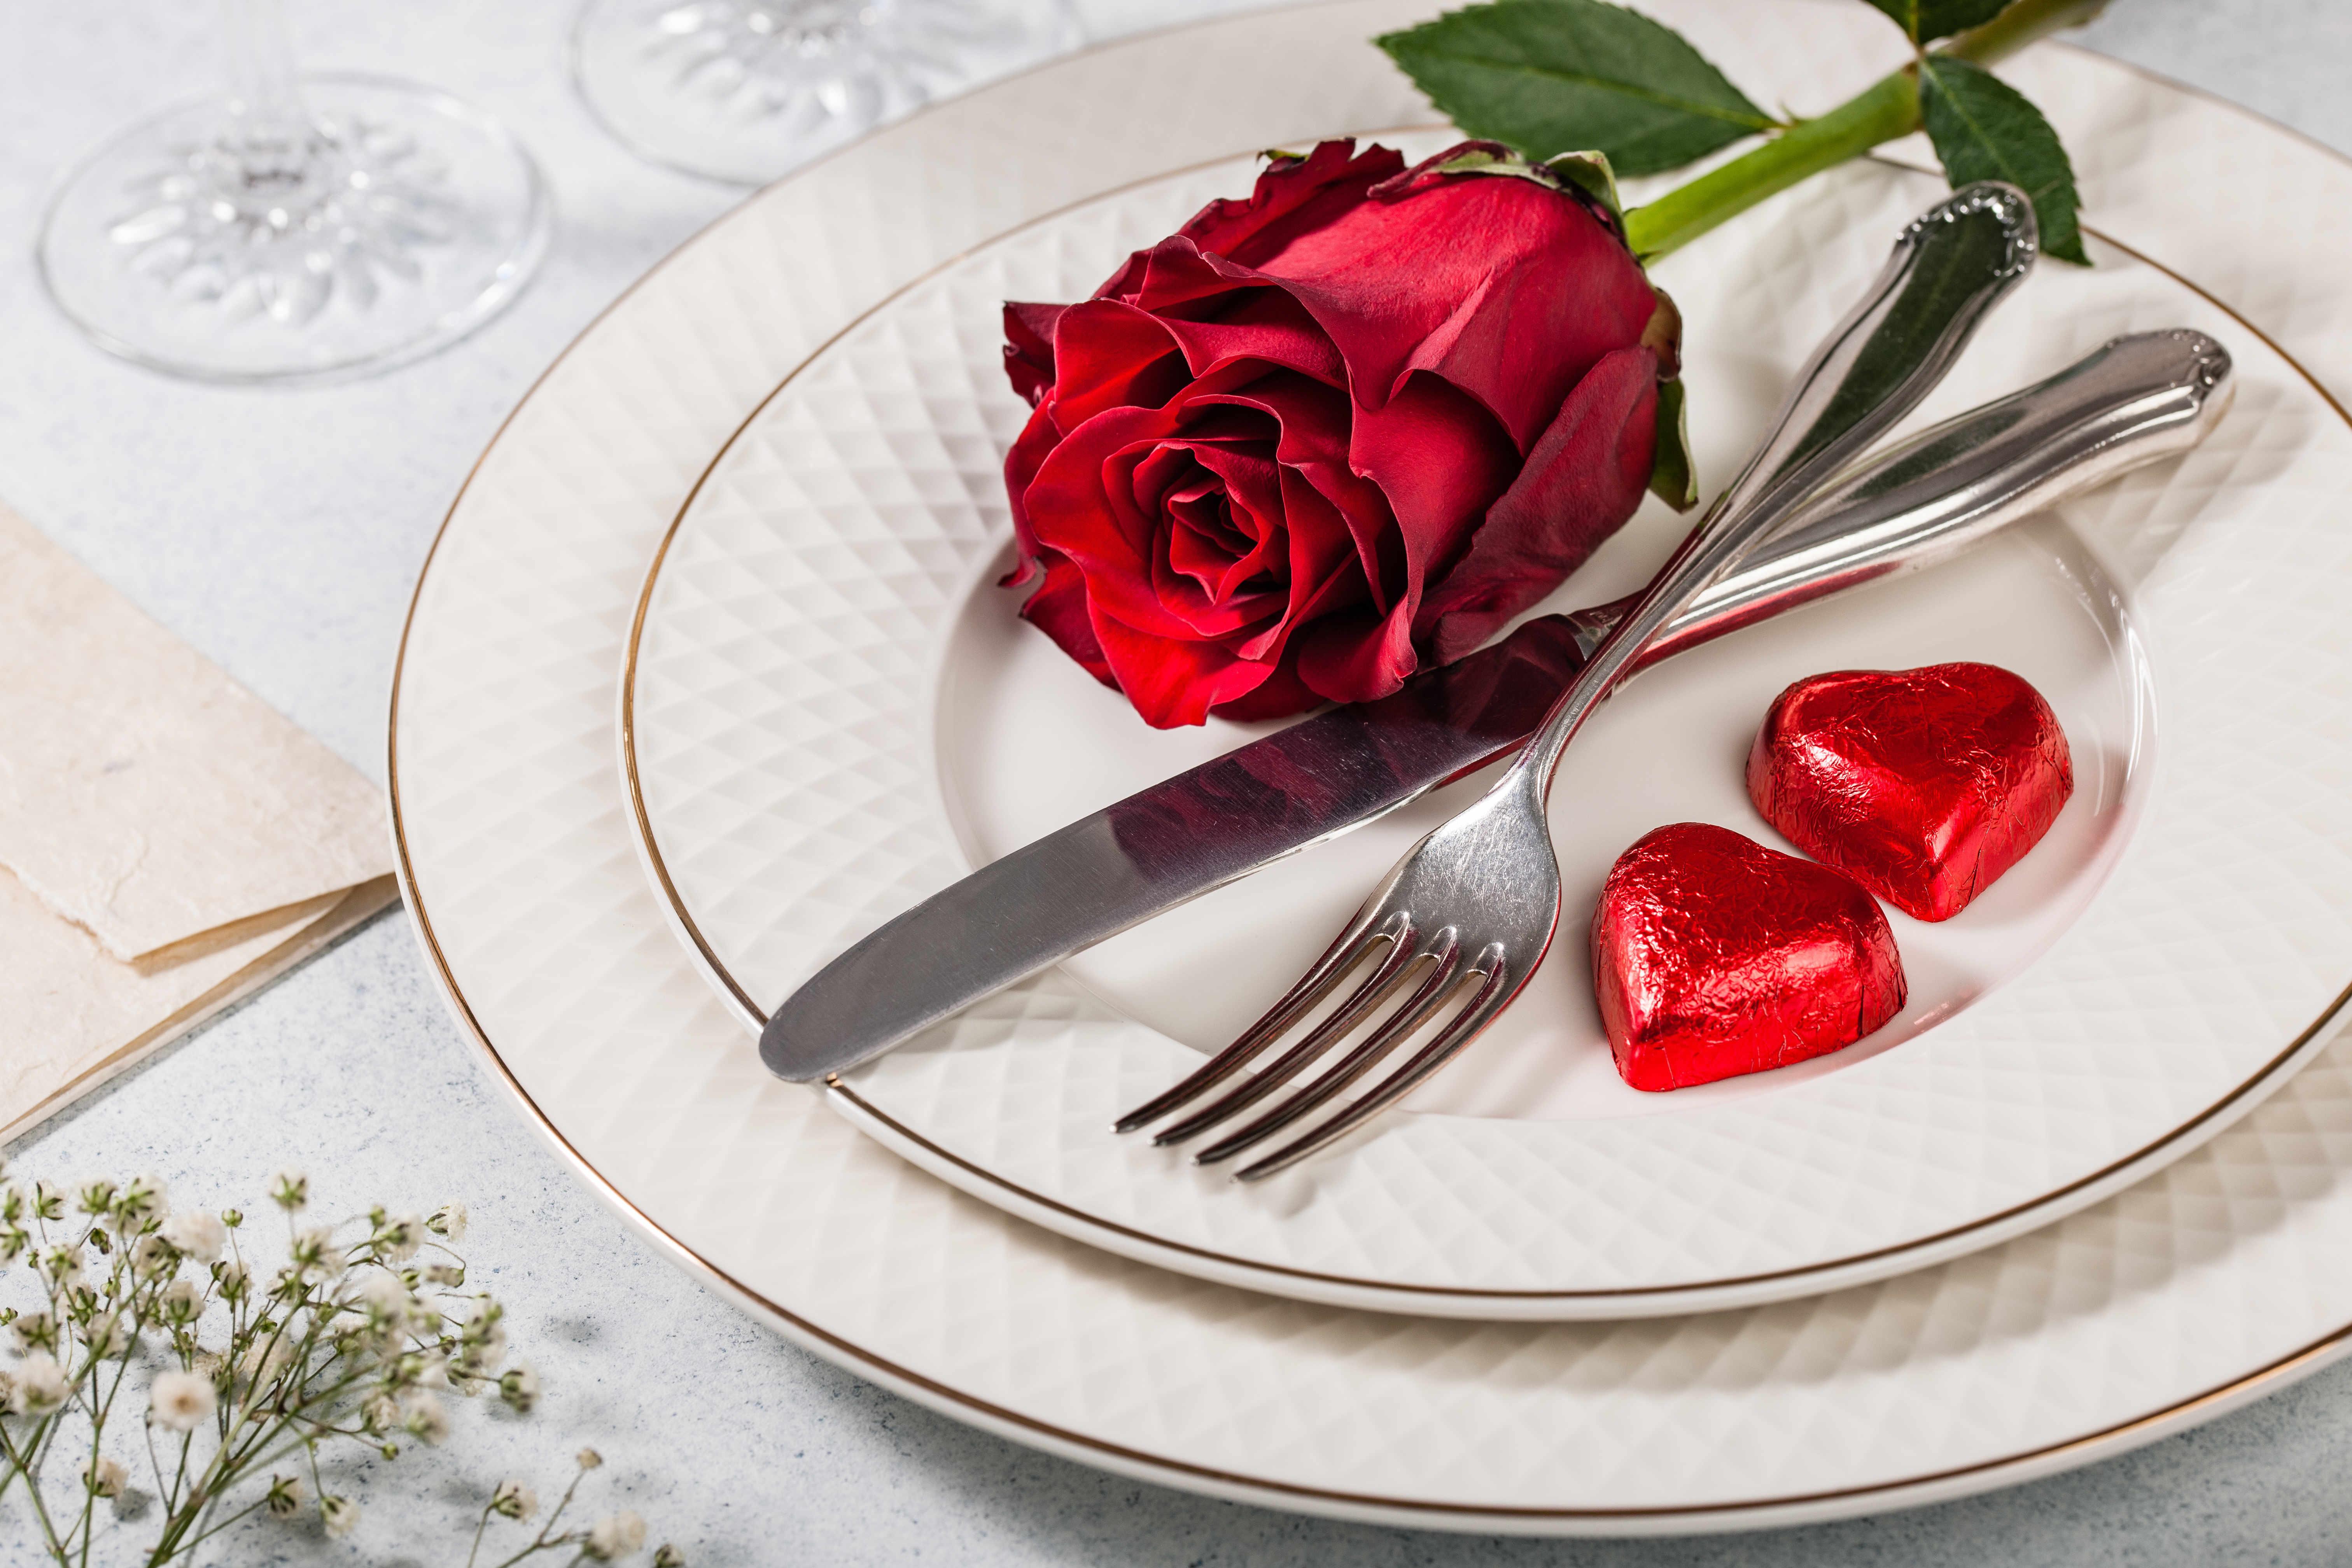 4 desserts de Saint Valentin originaux: les biscuits cœurs en sandwich Les ingrédients  Pour les biscuits  125 g de beurre doux 175 g de sucre en poudre 1 œuf 300 g de farine ½ cuillère à café de levure Du colorant alimentaire rouge Le zeste d'un citron bio Des emporte-pièces en forme de cœur Pour la garniture  100 g de beurre 200 g de sucre glace Du colorant alimentaire rouge Le jus d'1/2 citron   La recette  Pour les biscuits  Préchauffez le four à 180°C (160°C si vous avez un four à chaleur tournante). Dans un saladier, mélangez le beurre et le sucre en poudre. Ajoutez l'œuf et le zeste de citron. Incorporez la farine et la levure avec une pincée de sel, et mélangez. Séparez le mélange dans deux bols. Dans le premier bol, ajoutez du colorant rouge jusqu'à l'obtention de la couleur désirée. Dans le second bol, n'ajoutez rien! Farinez un plan de travail, et étalez chaque pâte séparément sur ½ centimètre d'épaisseur. Utilisez des emporte-pièces pour découper la pâte en forme de petits cœurs. N'hésitez pas à utiliser plusieurs tailles différentes (de préférence 5 cm et 7 cm). Placez vos biscuits sur une plaque de cuisson et laissez-les à température ambiance pendant 15 minutes. Enfournez pendant environ 7 minutes (les bords des biscuits doivent être très légèrement dorés). Pour la garniture  Dans un bol, mélangez le beurre. Ajoutez ensuite progressivement le sucre glace. Ajoutez un peu de colorant rouge, puis le zeste de citron. Placez le mélange dans une poche à douille de taille moyenne. Il ne vous reste plus qu'à garnir chaque biscuit, et à le refermer avec un autre biscuit cœur pour former de délicieux sandwichs!